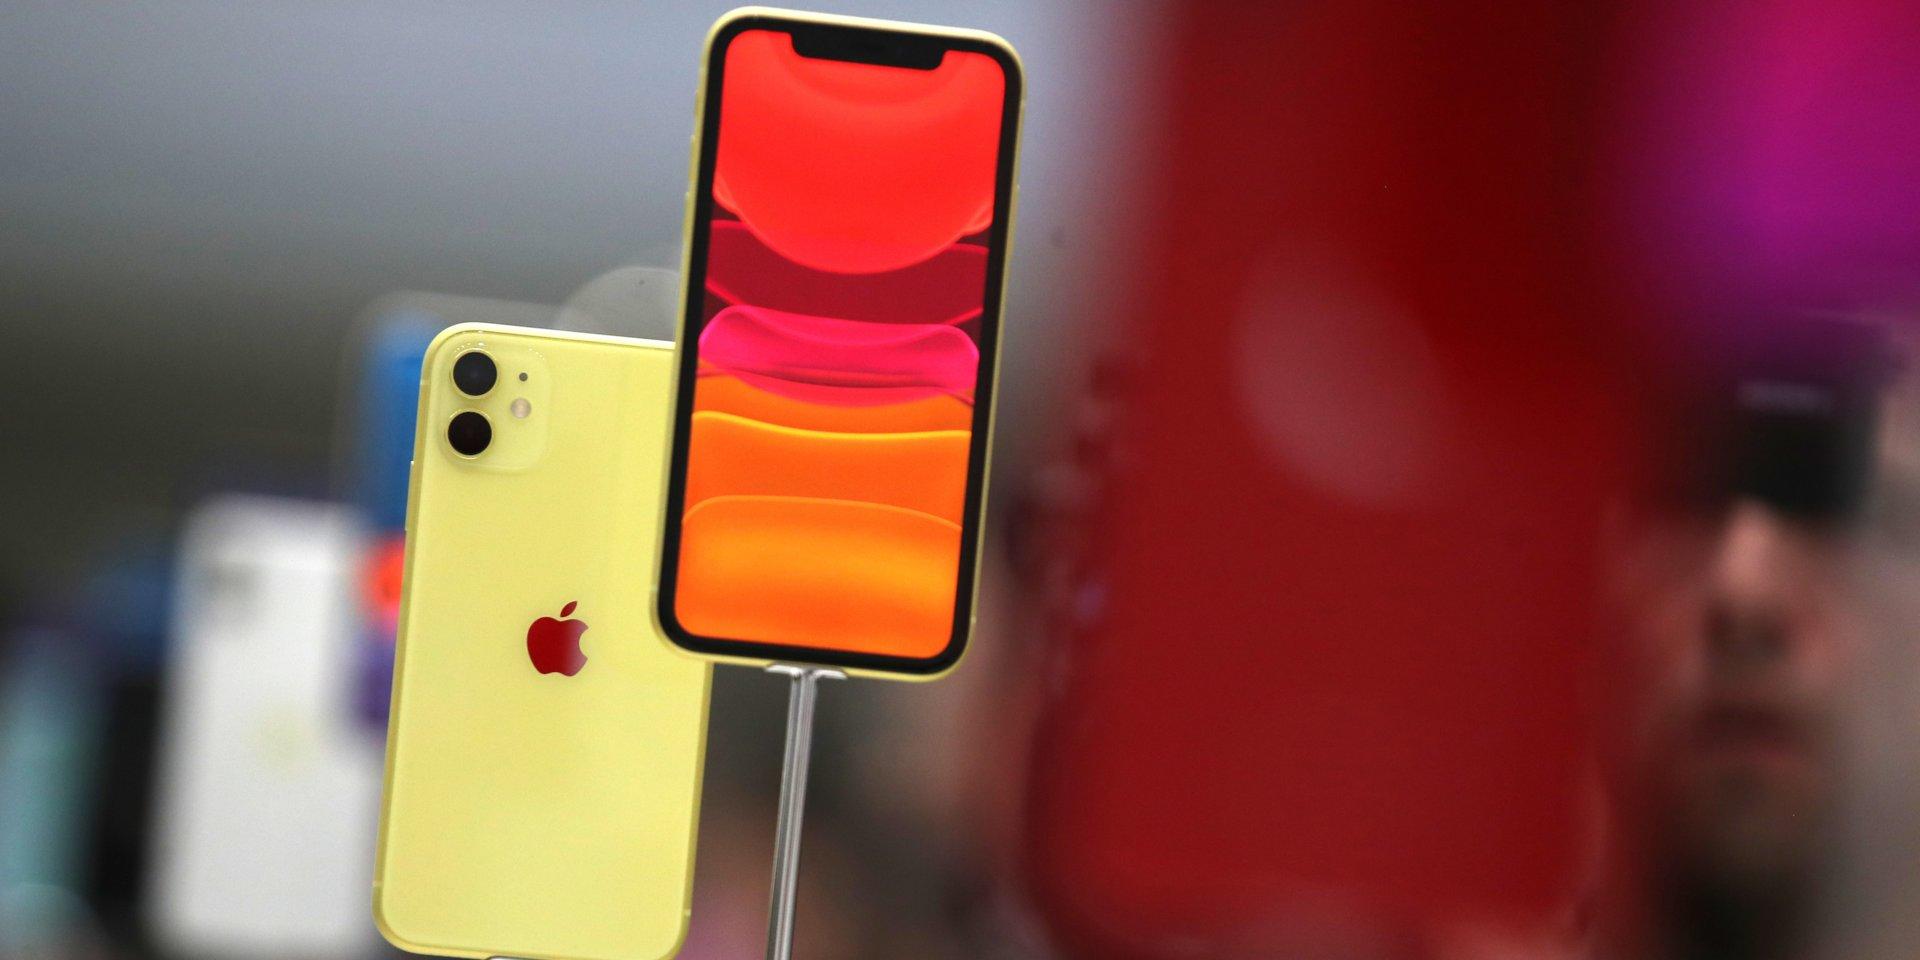 Apple: iPhone 11 ще има висока производителност дори с остаряла батерия – заради нови системи